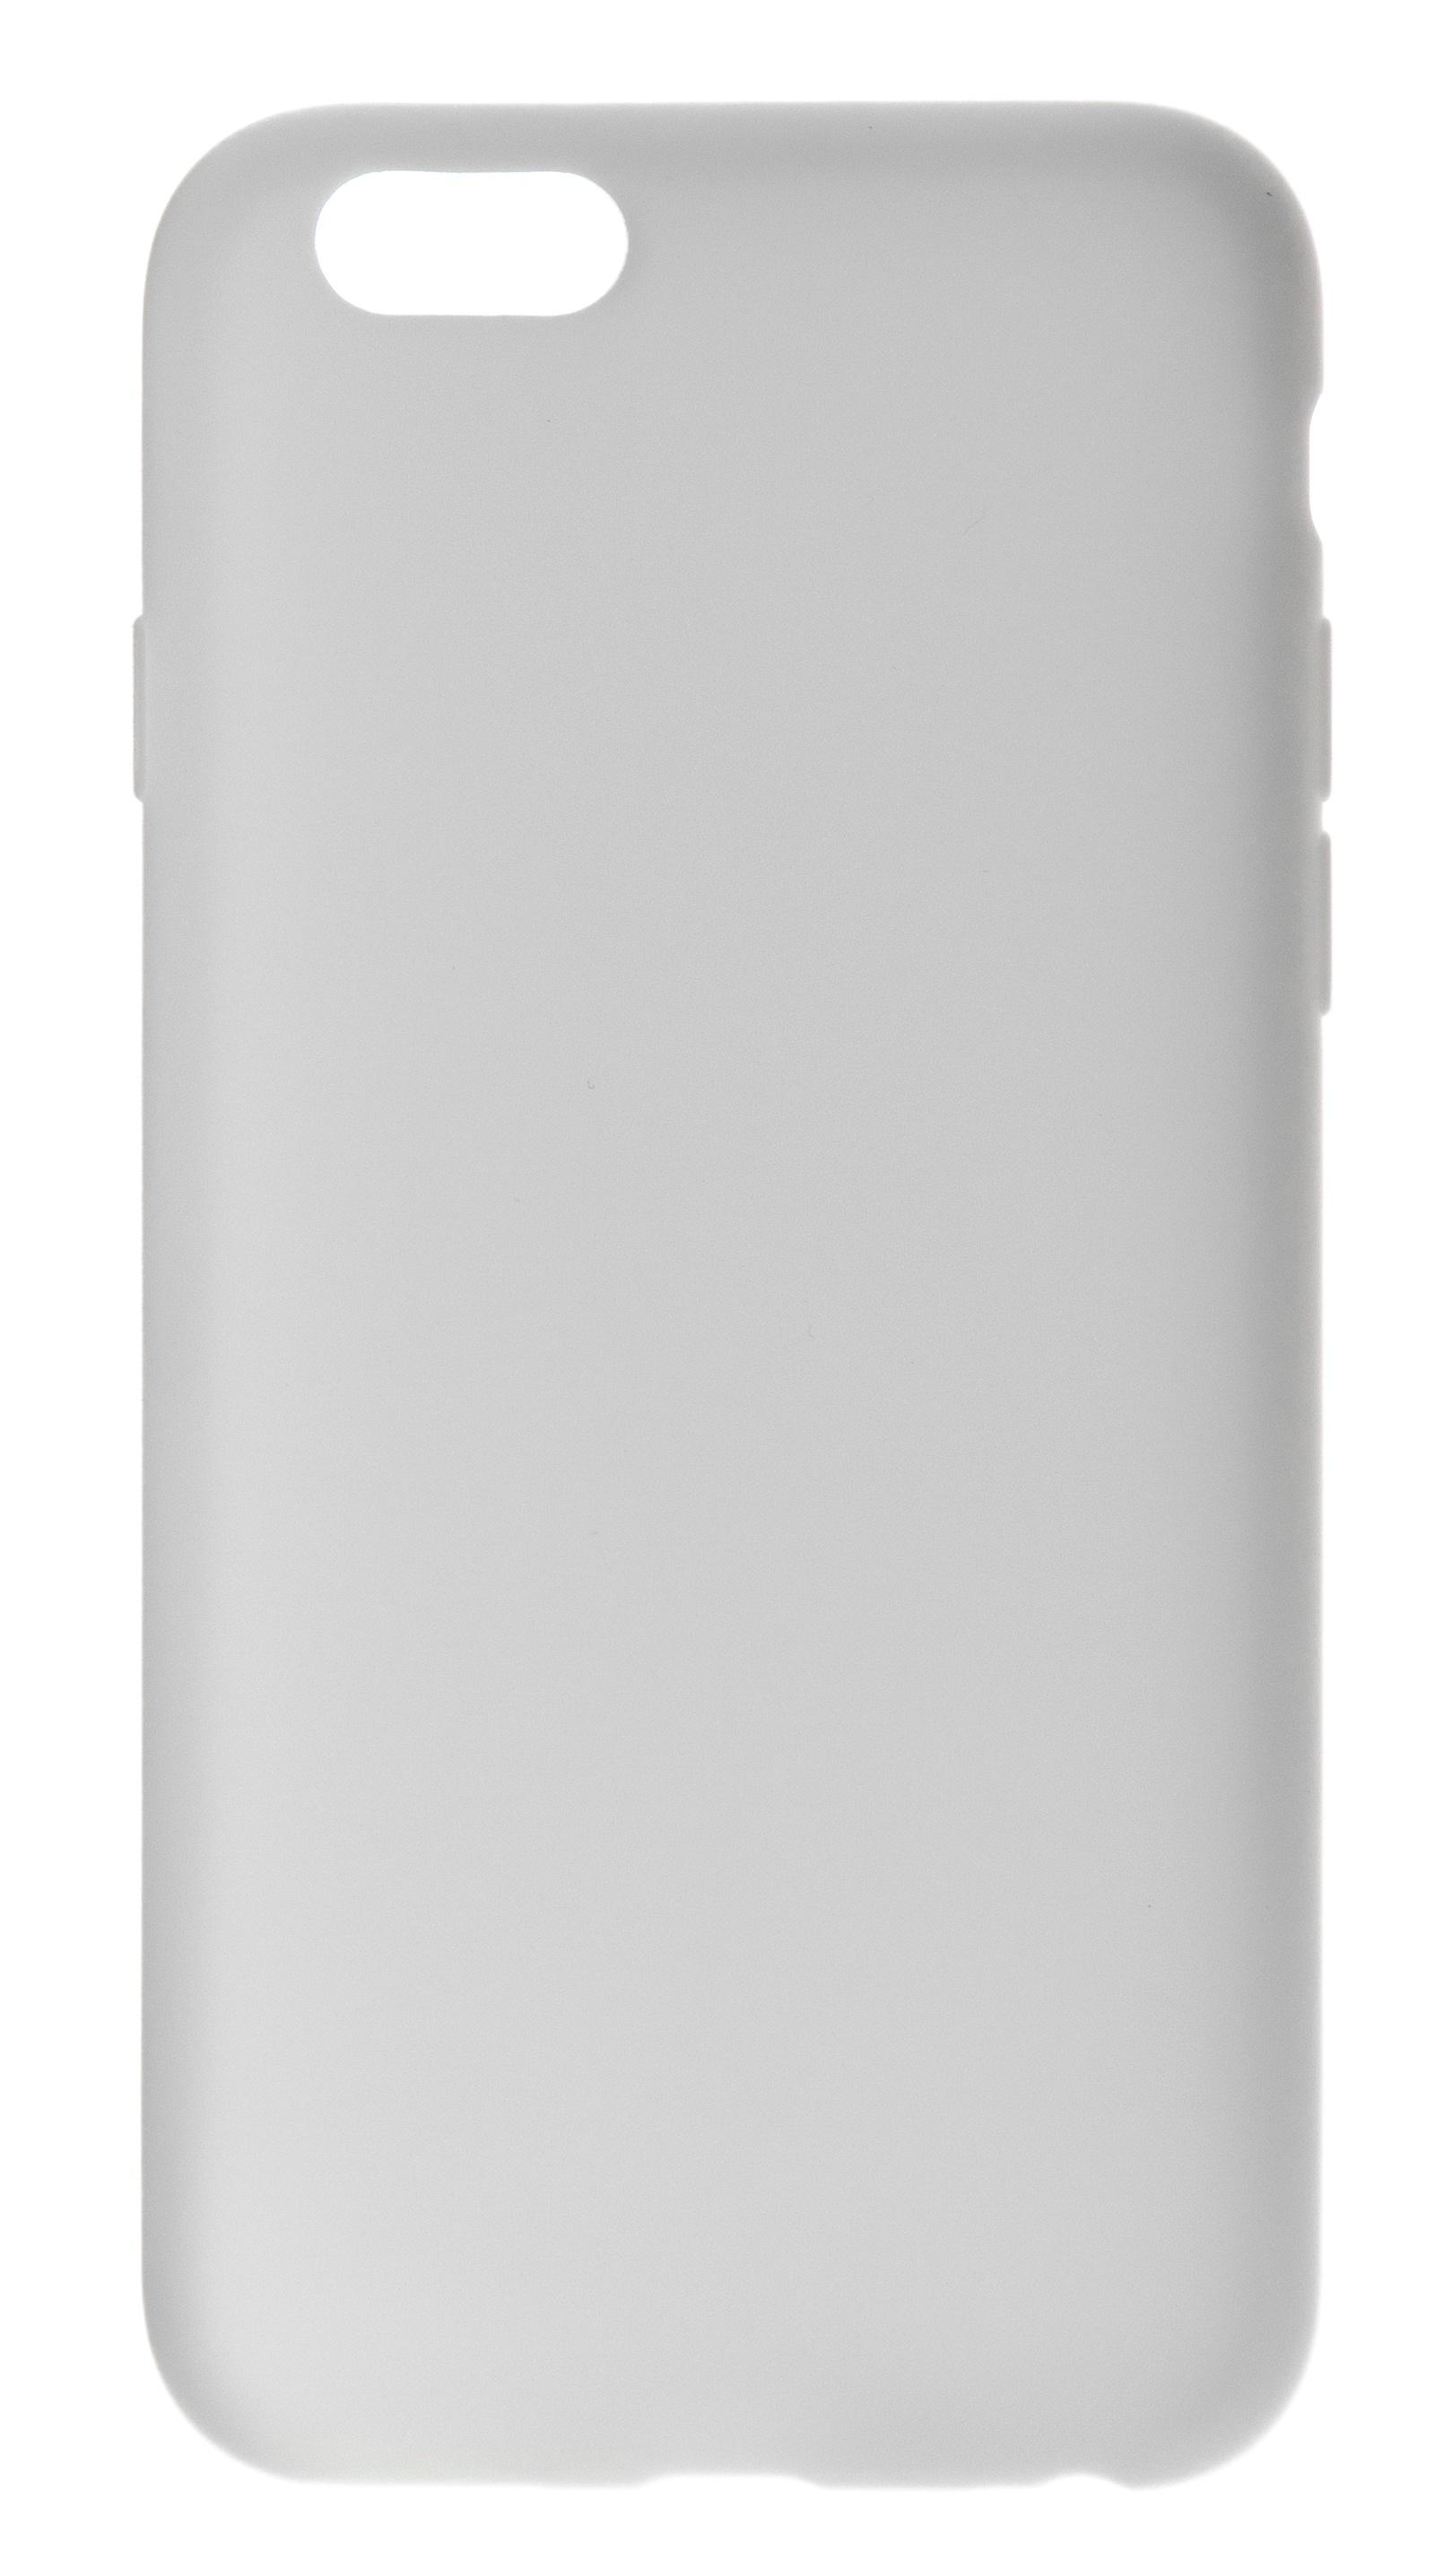 Чехол NUOBI для Apple iPhone 6/6S, белый матовый zakka чехол крышка zakka для apple iphone 7 8 силикон черный матовый